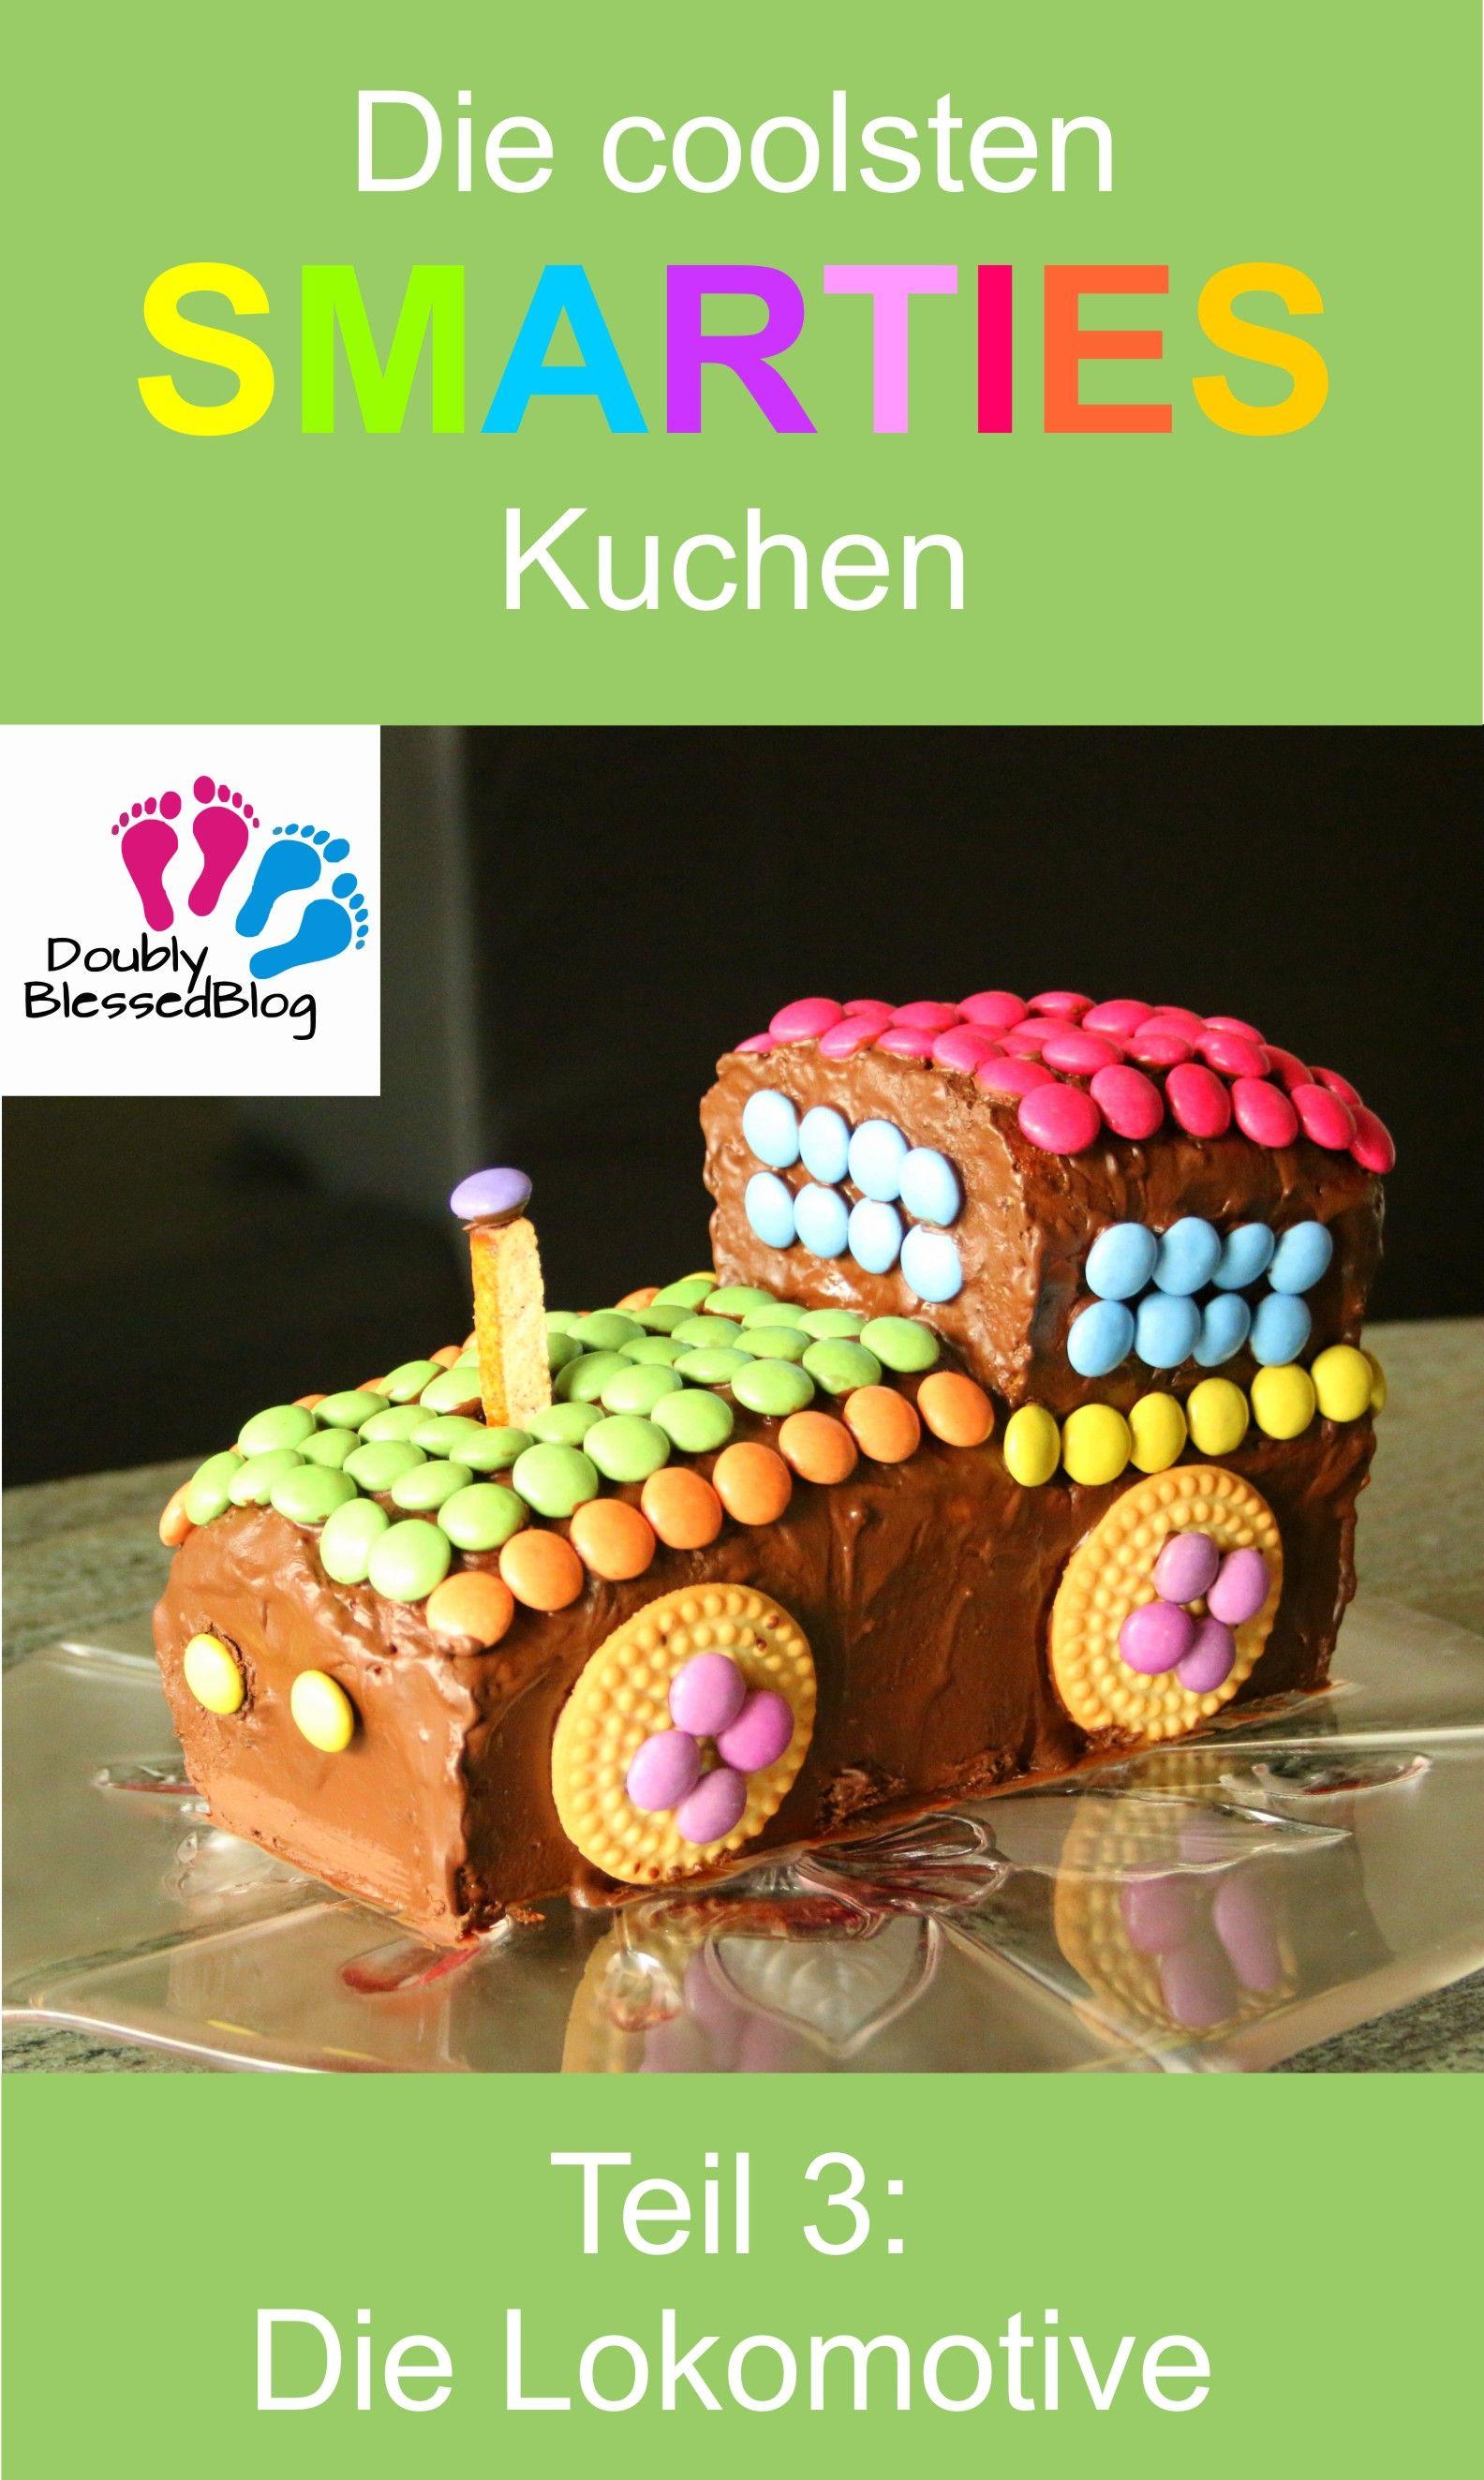 Die Coolsten Geburtstagskuchen Die Lokomotive Doublyblessedblog Geburtstagskuchen Kind Beste Geburtstagskuchen Kinder Kuchen Geburtstag